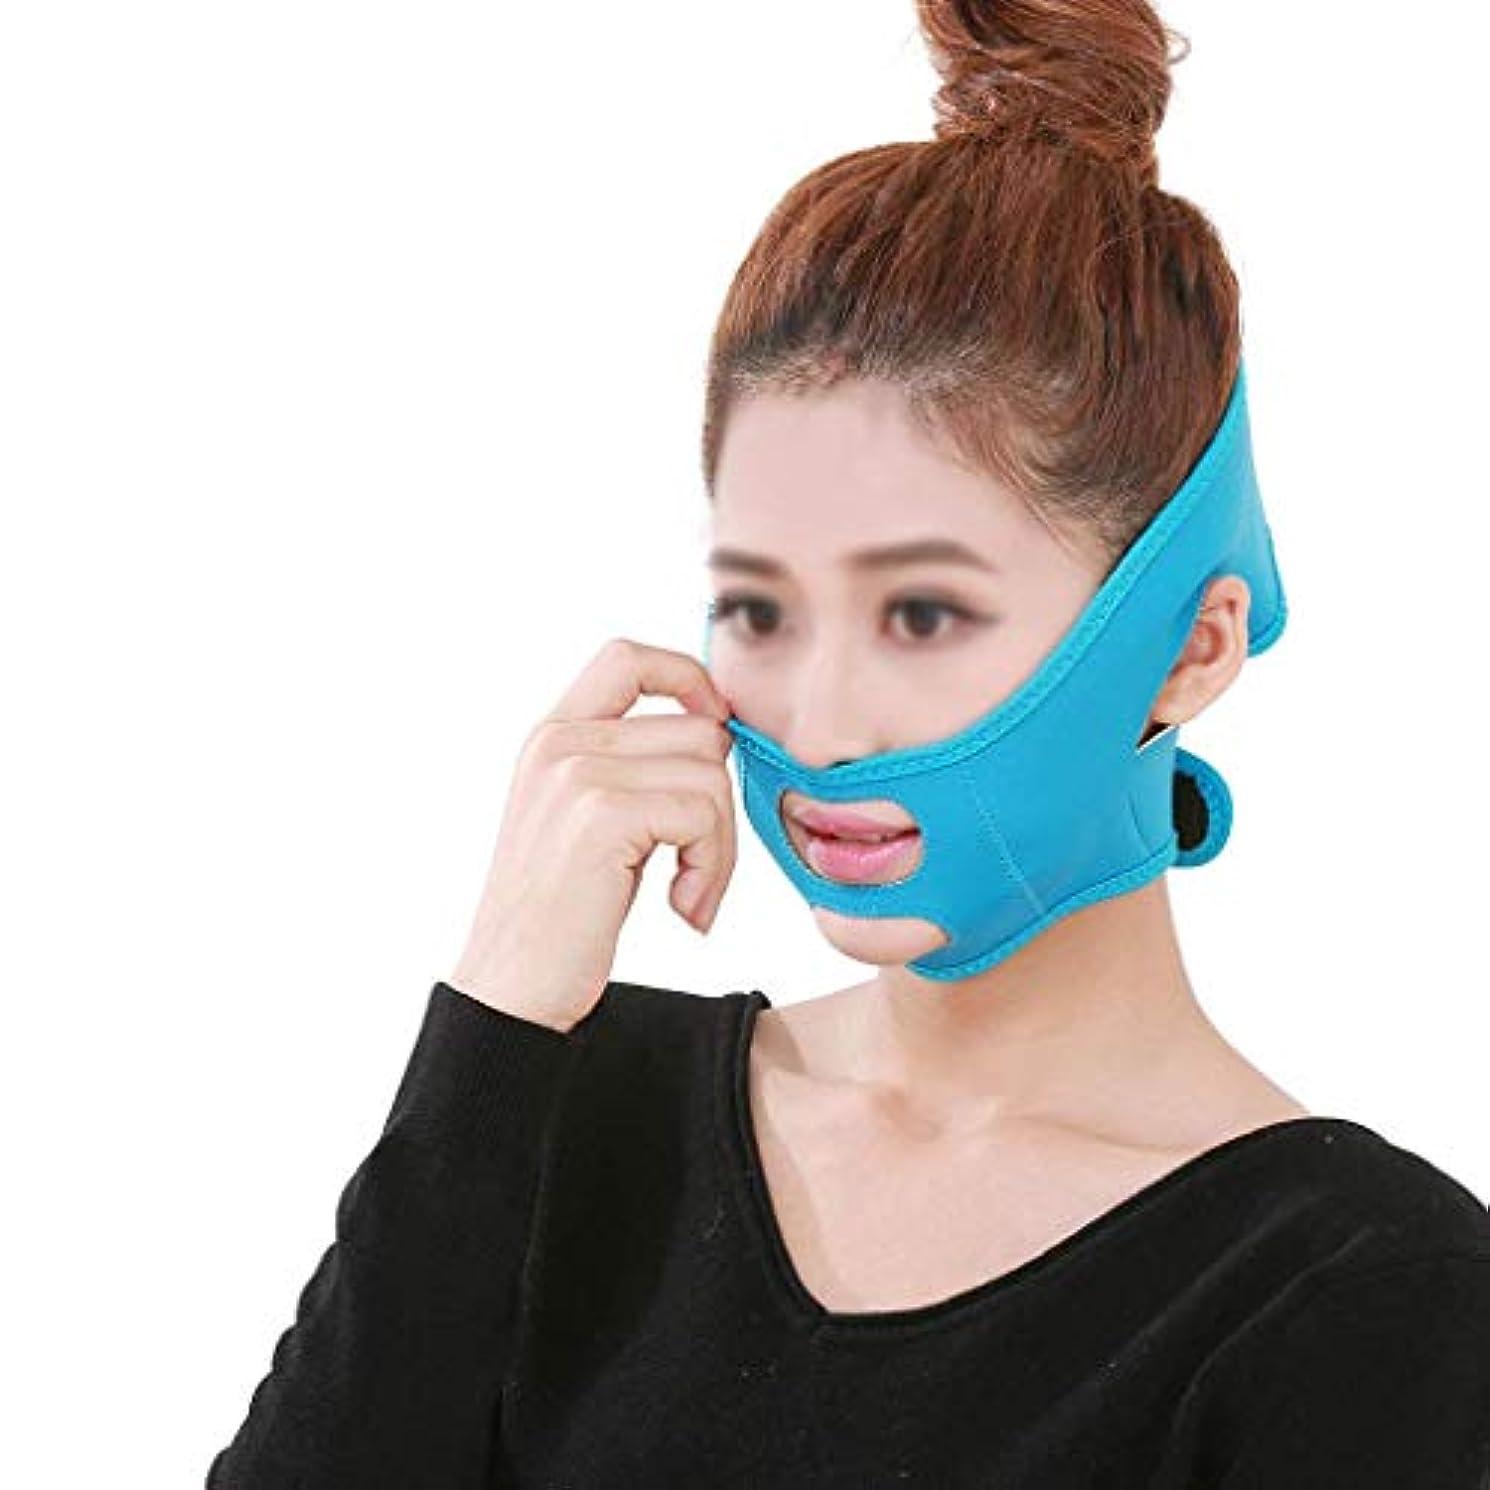 プロペラ同意とにかくフェイスシンフェイスマスク包帯スモールフェイスVフェイスシンフェイス付き二重あごフェイスリフティングツール